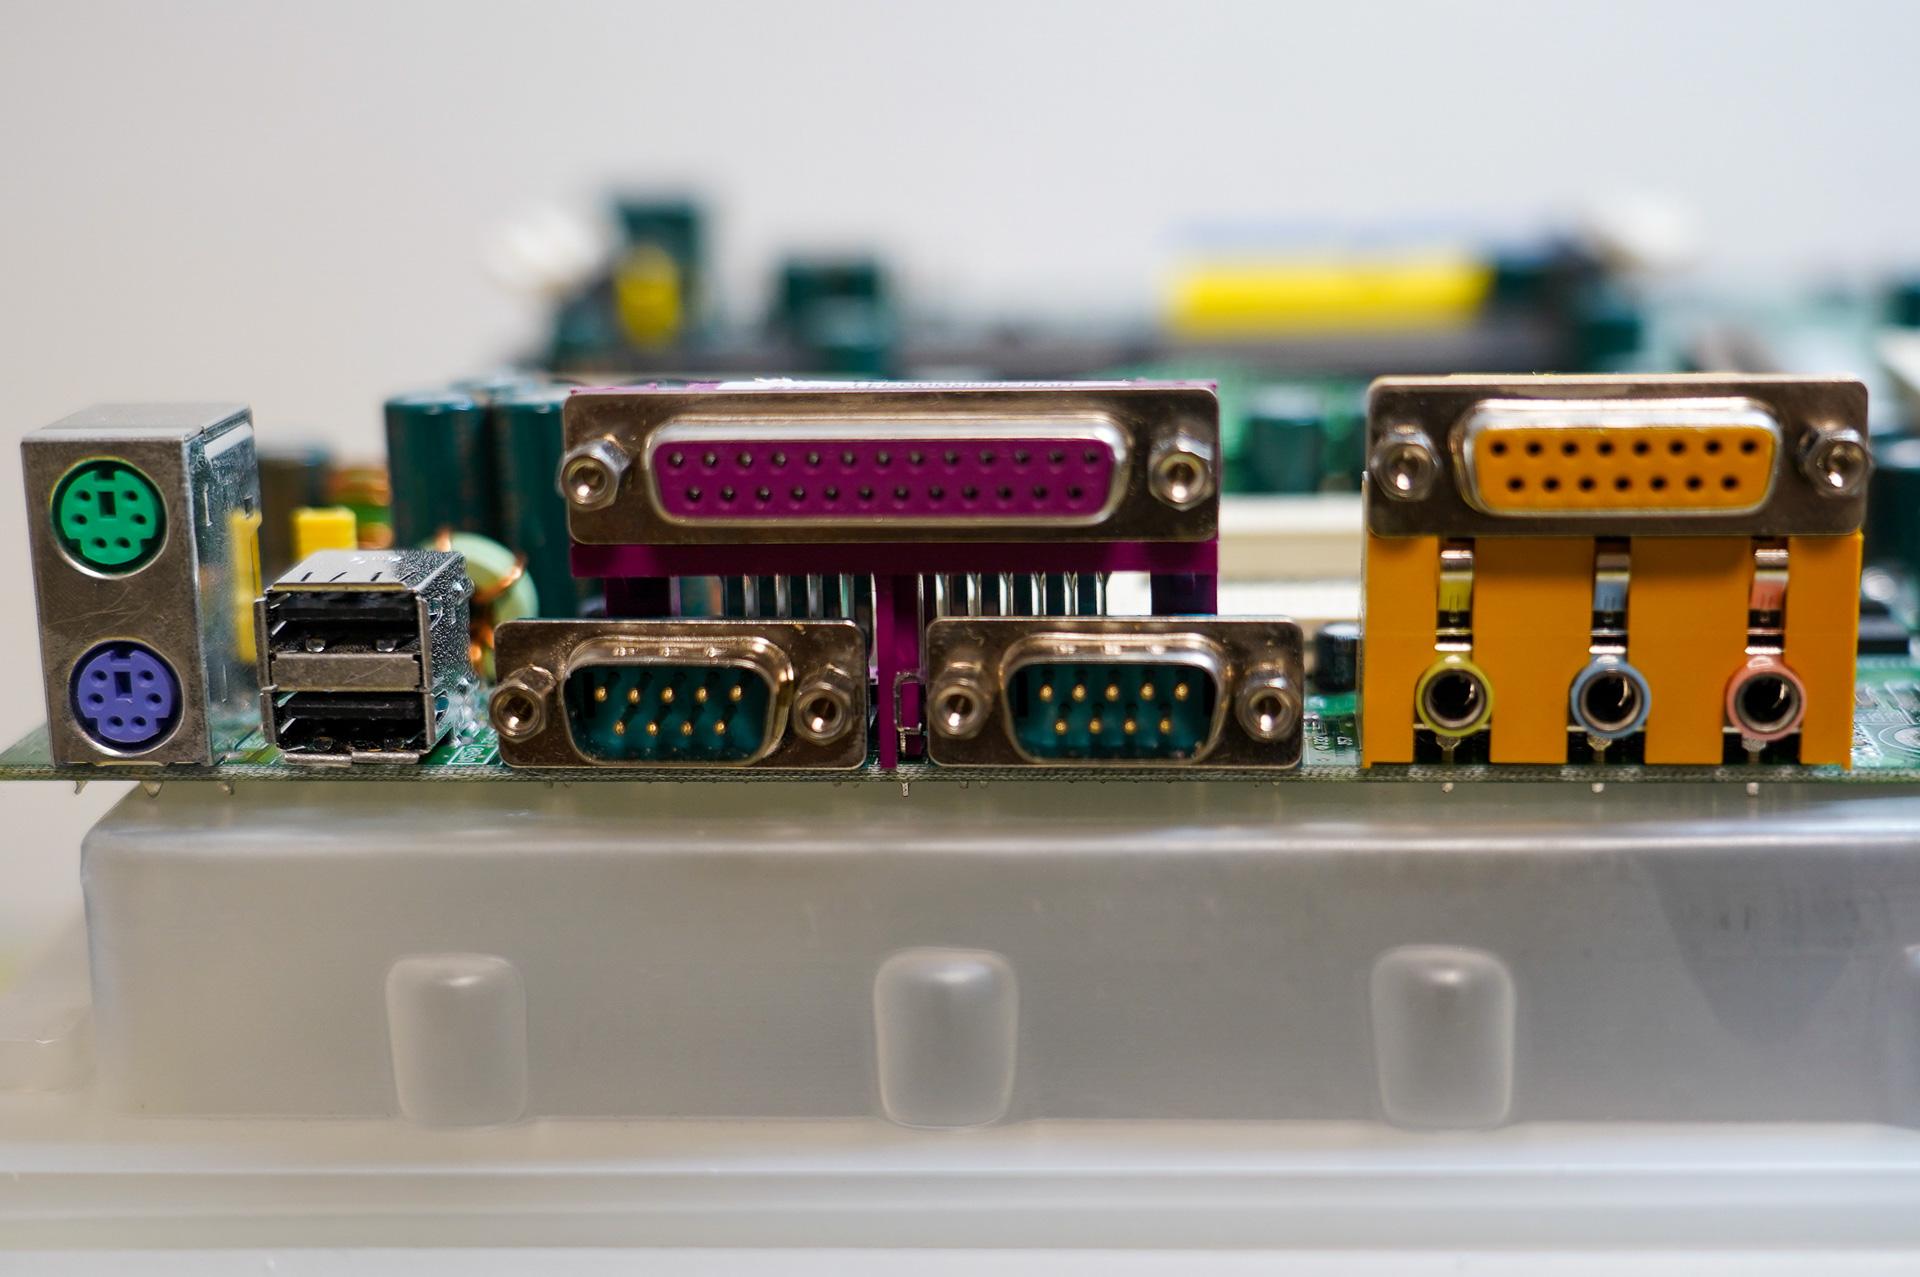 I/Oポート。PS/2ポート、USB×2、パラレルポート×1、シリアルポート×2、オーディオ入出力にゲームポート